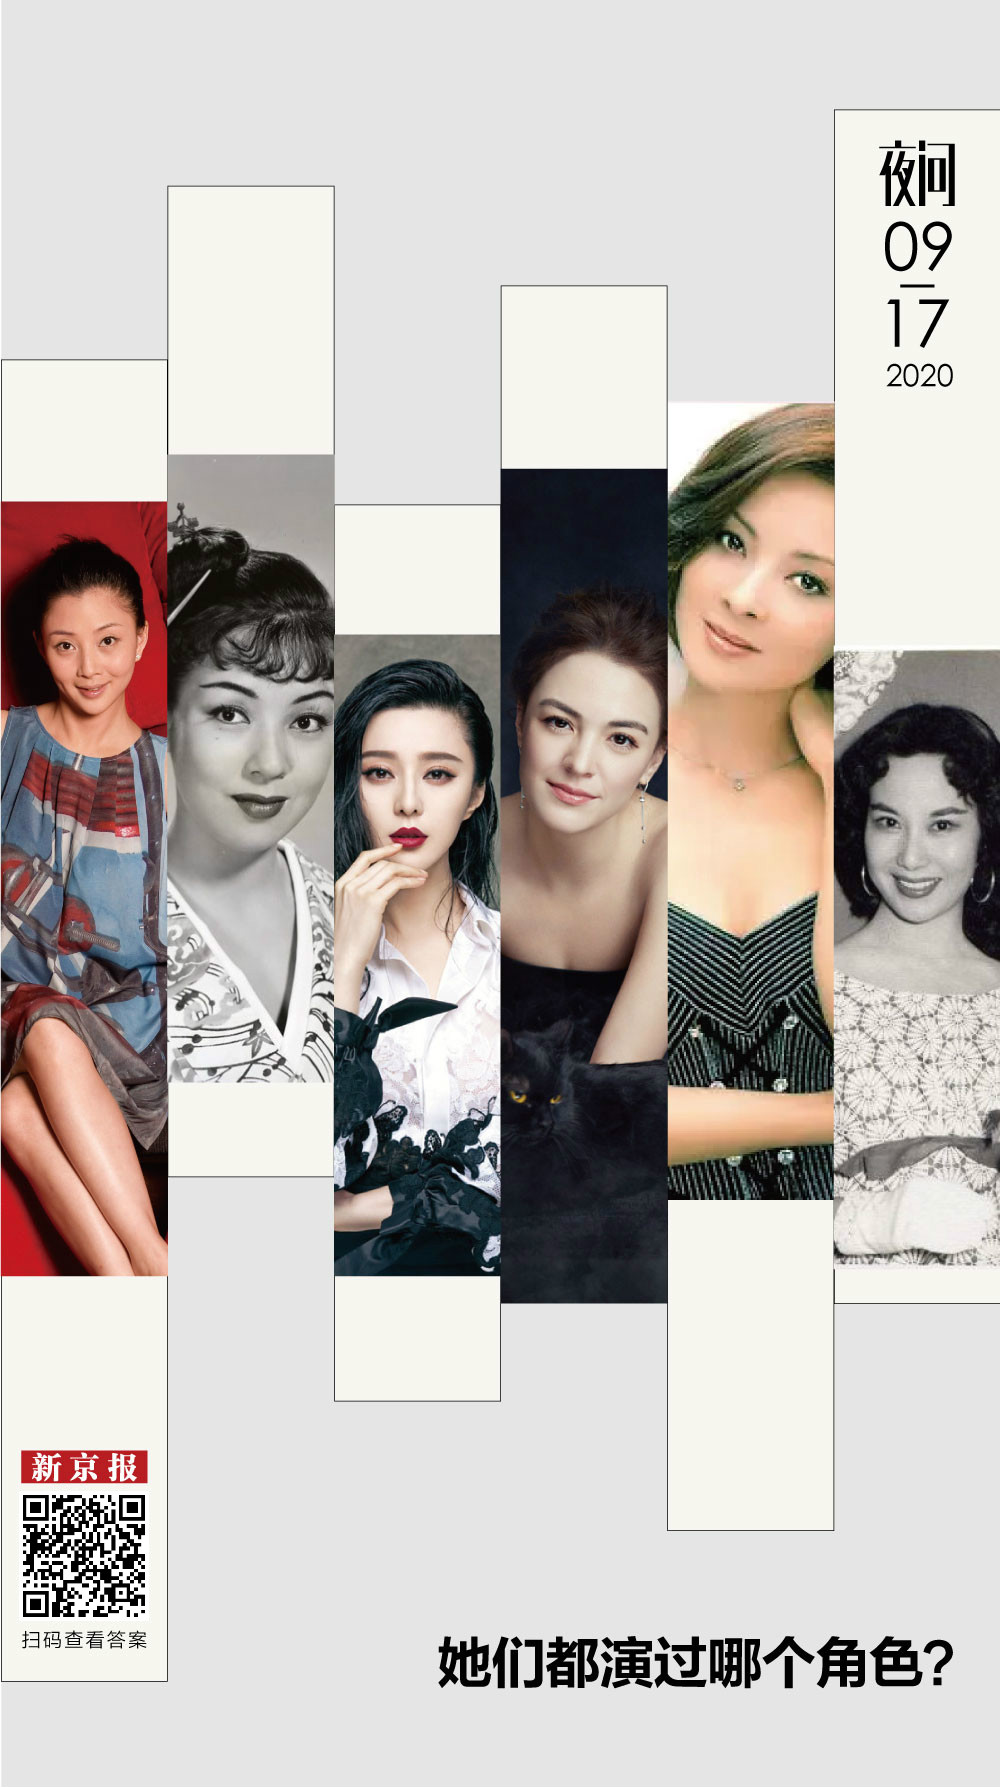 她们都演过杨贵妃,但故事却不尽相同丨夜问图片